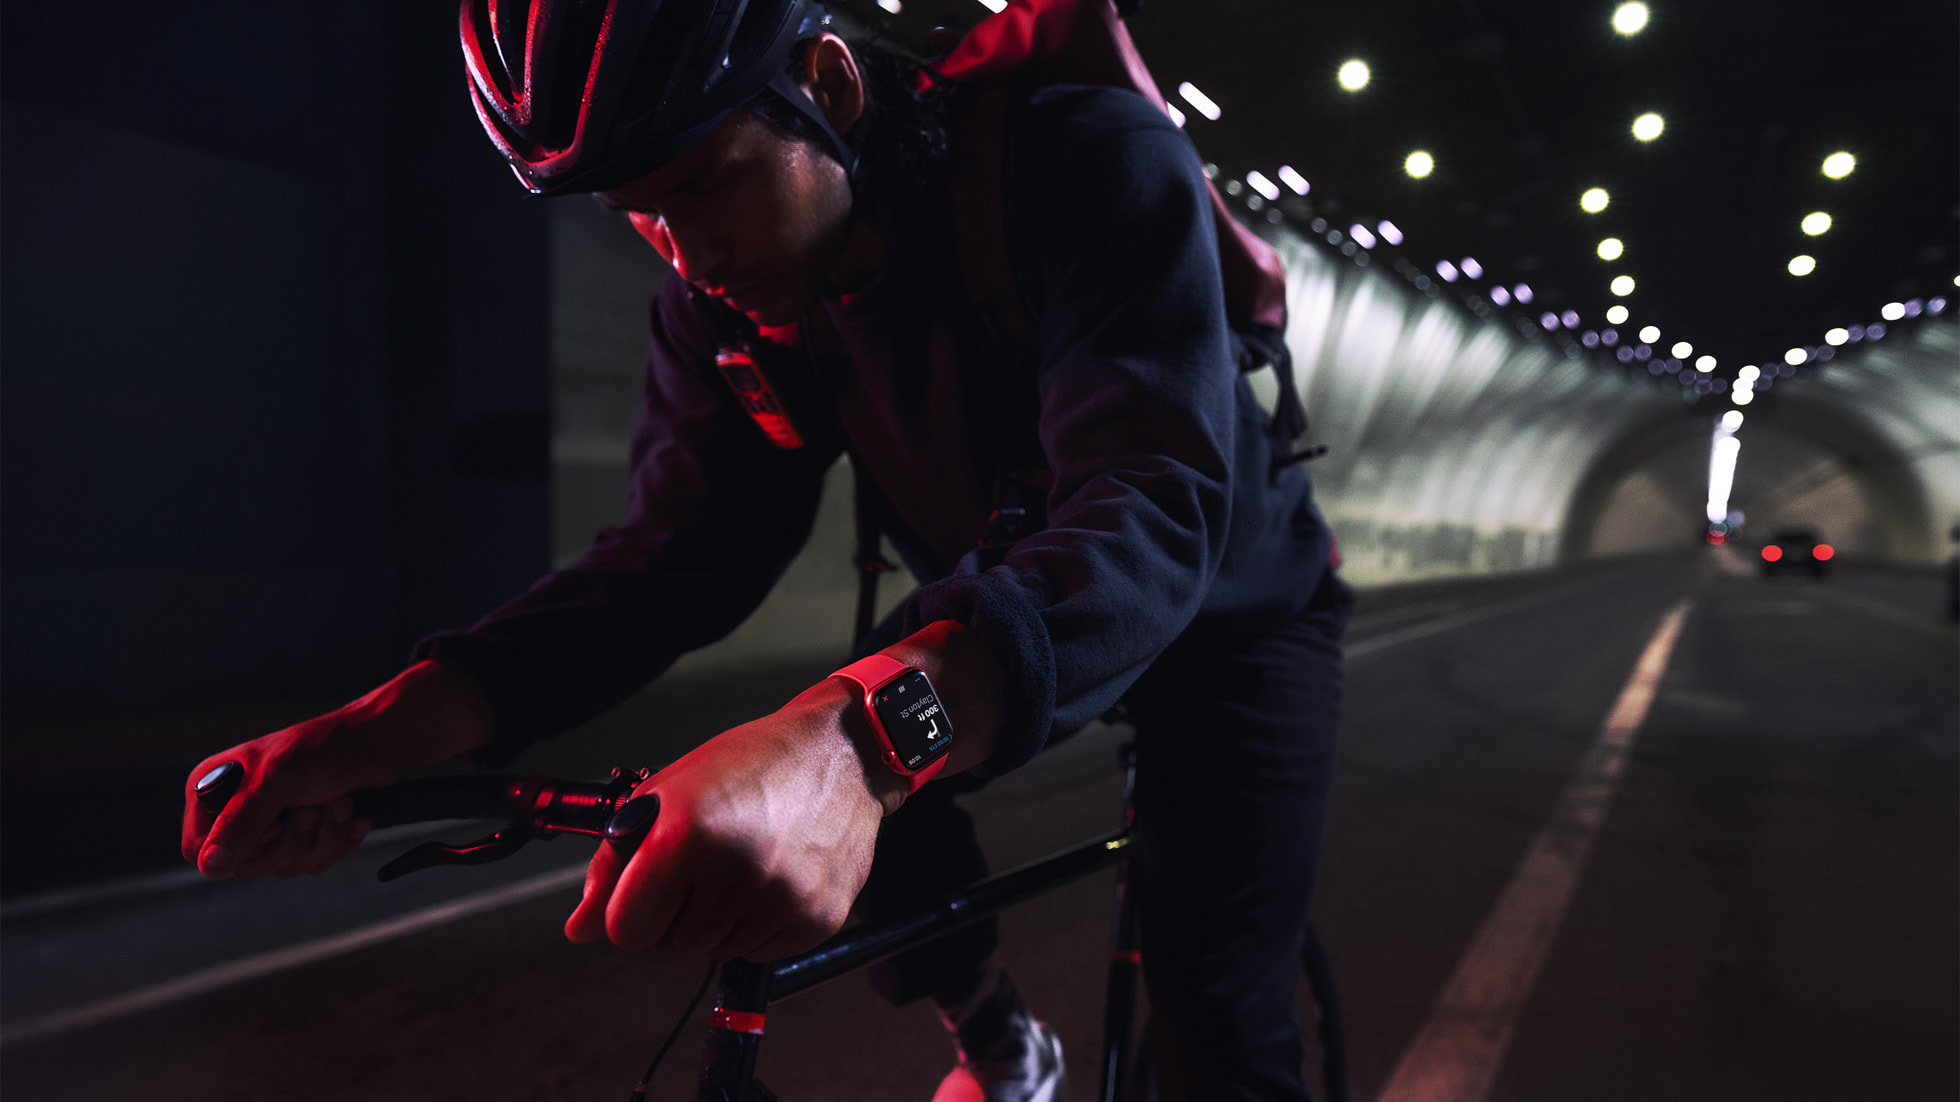 توفر watchOS 8 ميزات جديدة لأي شخص يقود دراجة هوائية